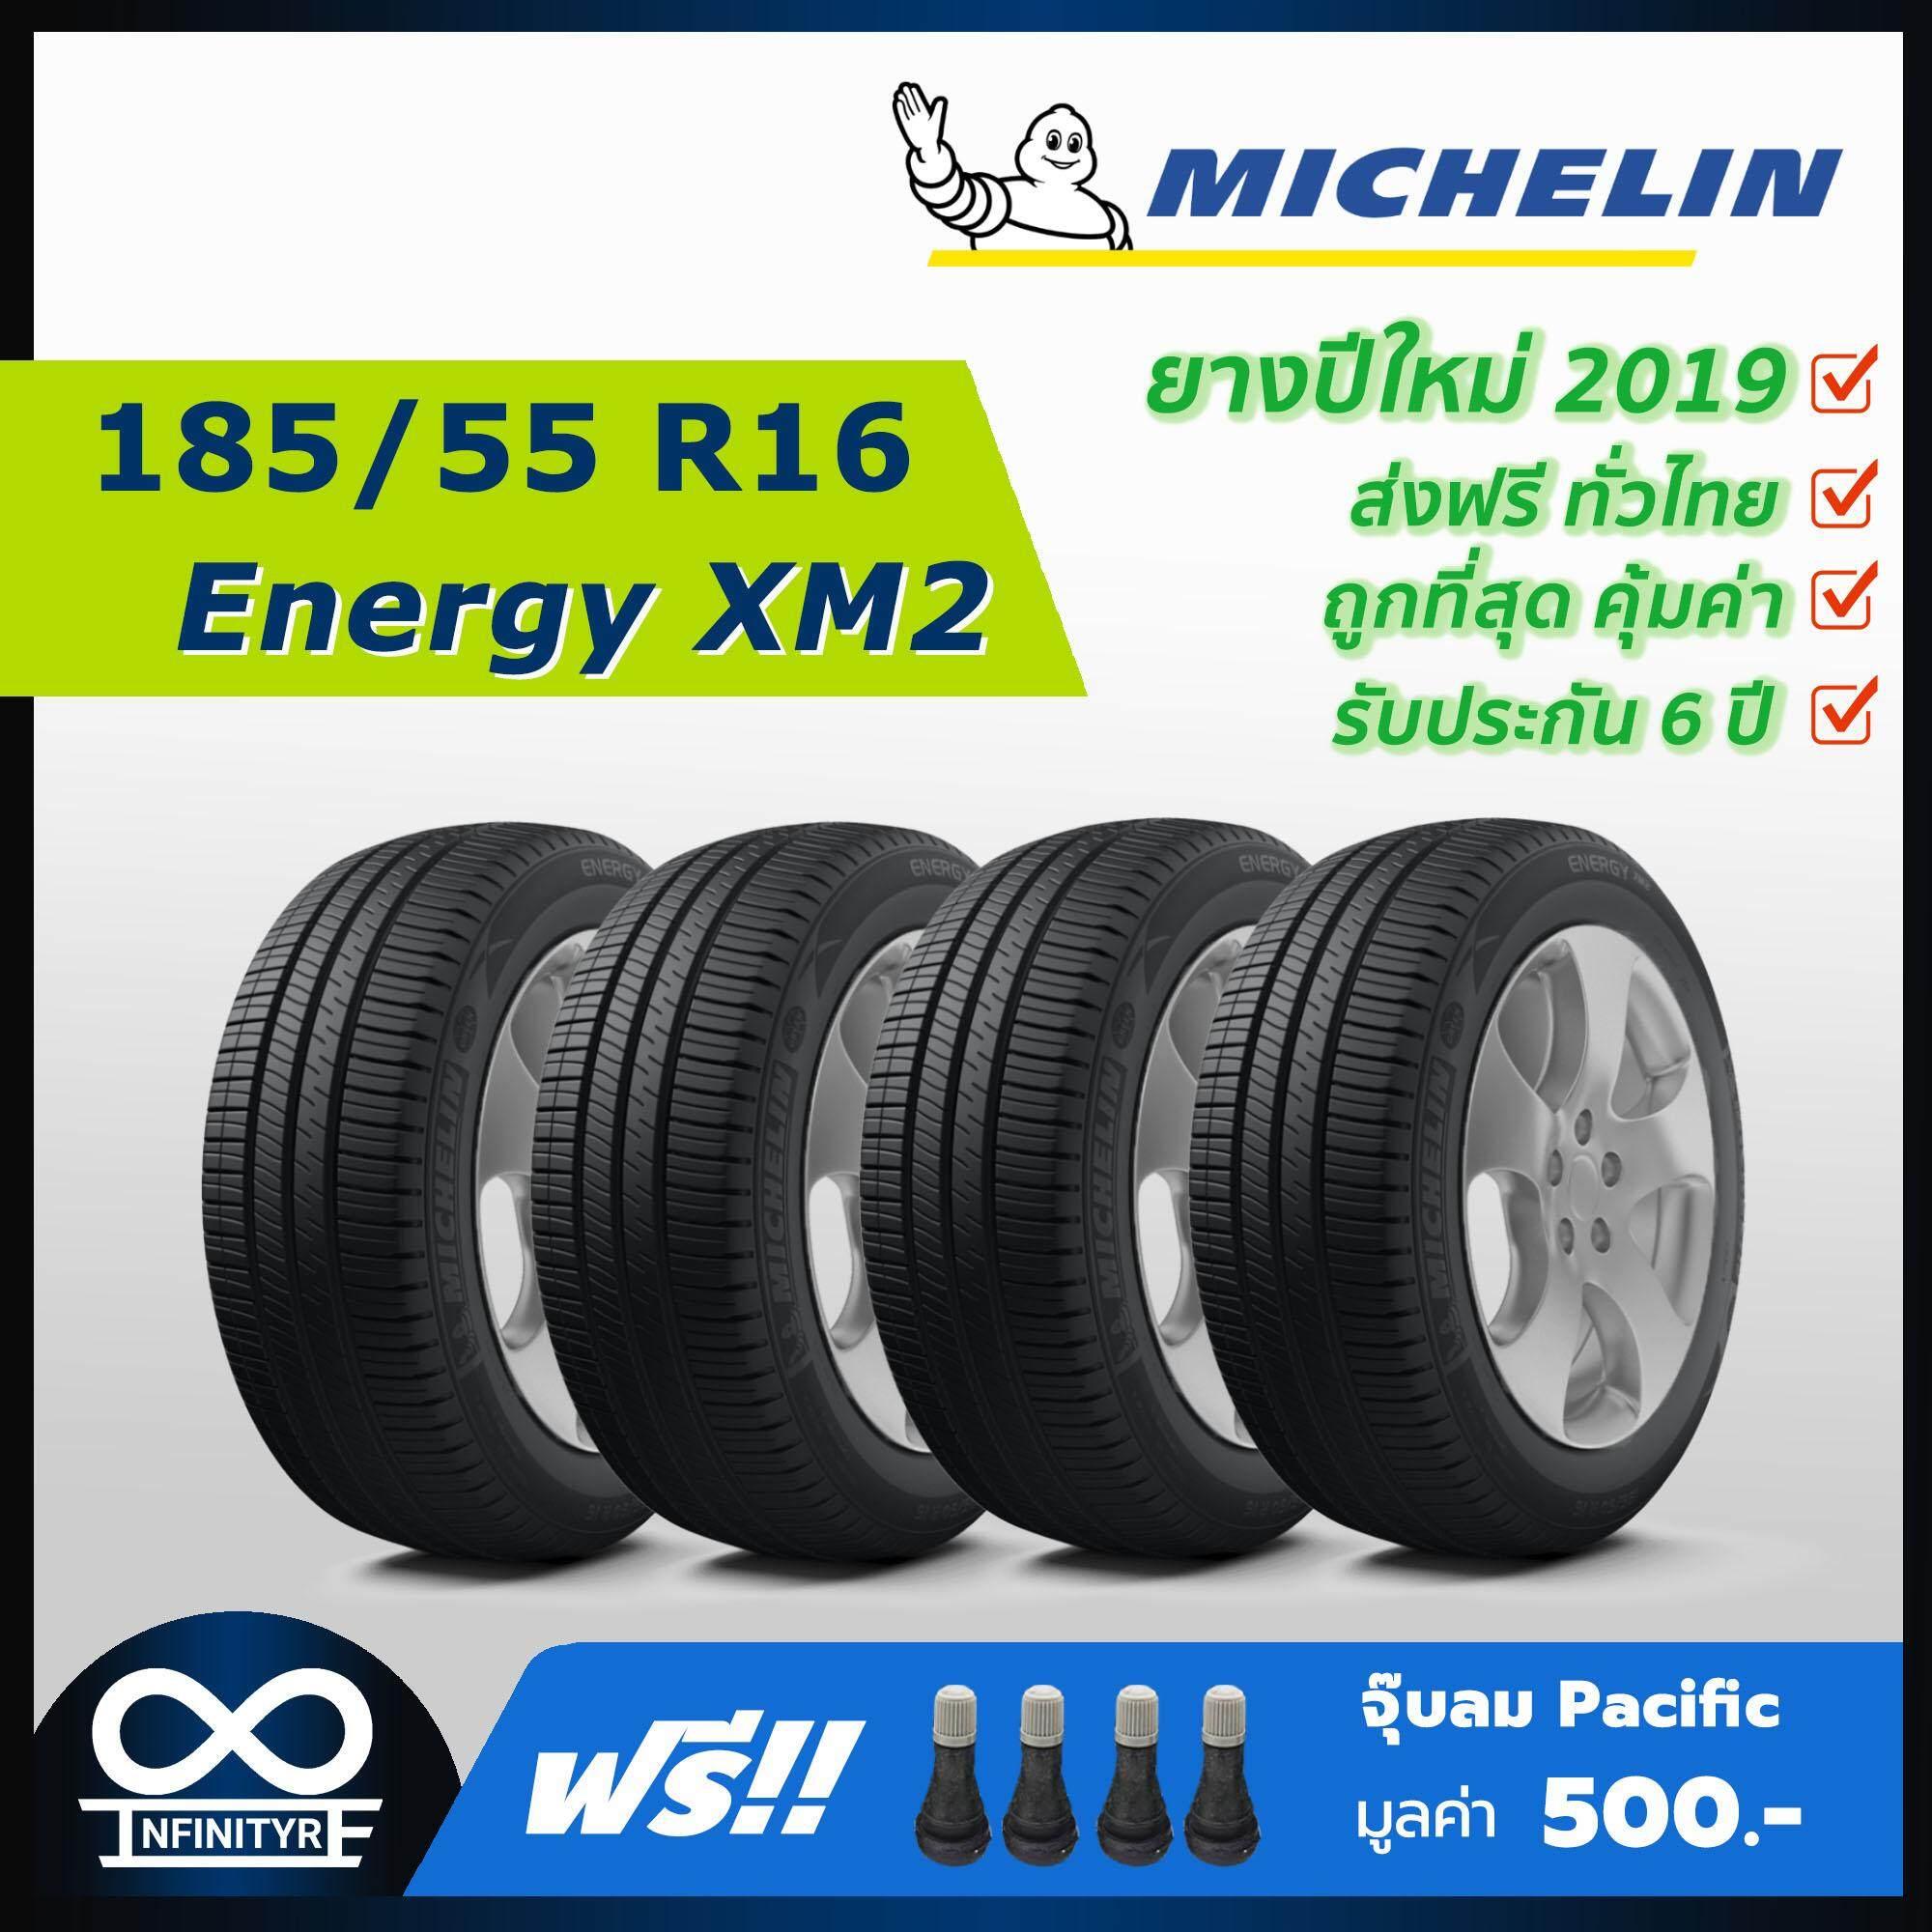 ประกันภัย รถยนต์ 2+ แพร่ 185/55R16 Michelin รุ่น Energy XM2 (ปี2019) 4เส้น ฟรี! จุ๊บลมPacific เกรดพรีเมี่ยม